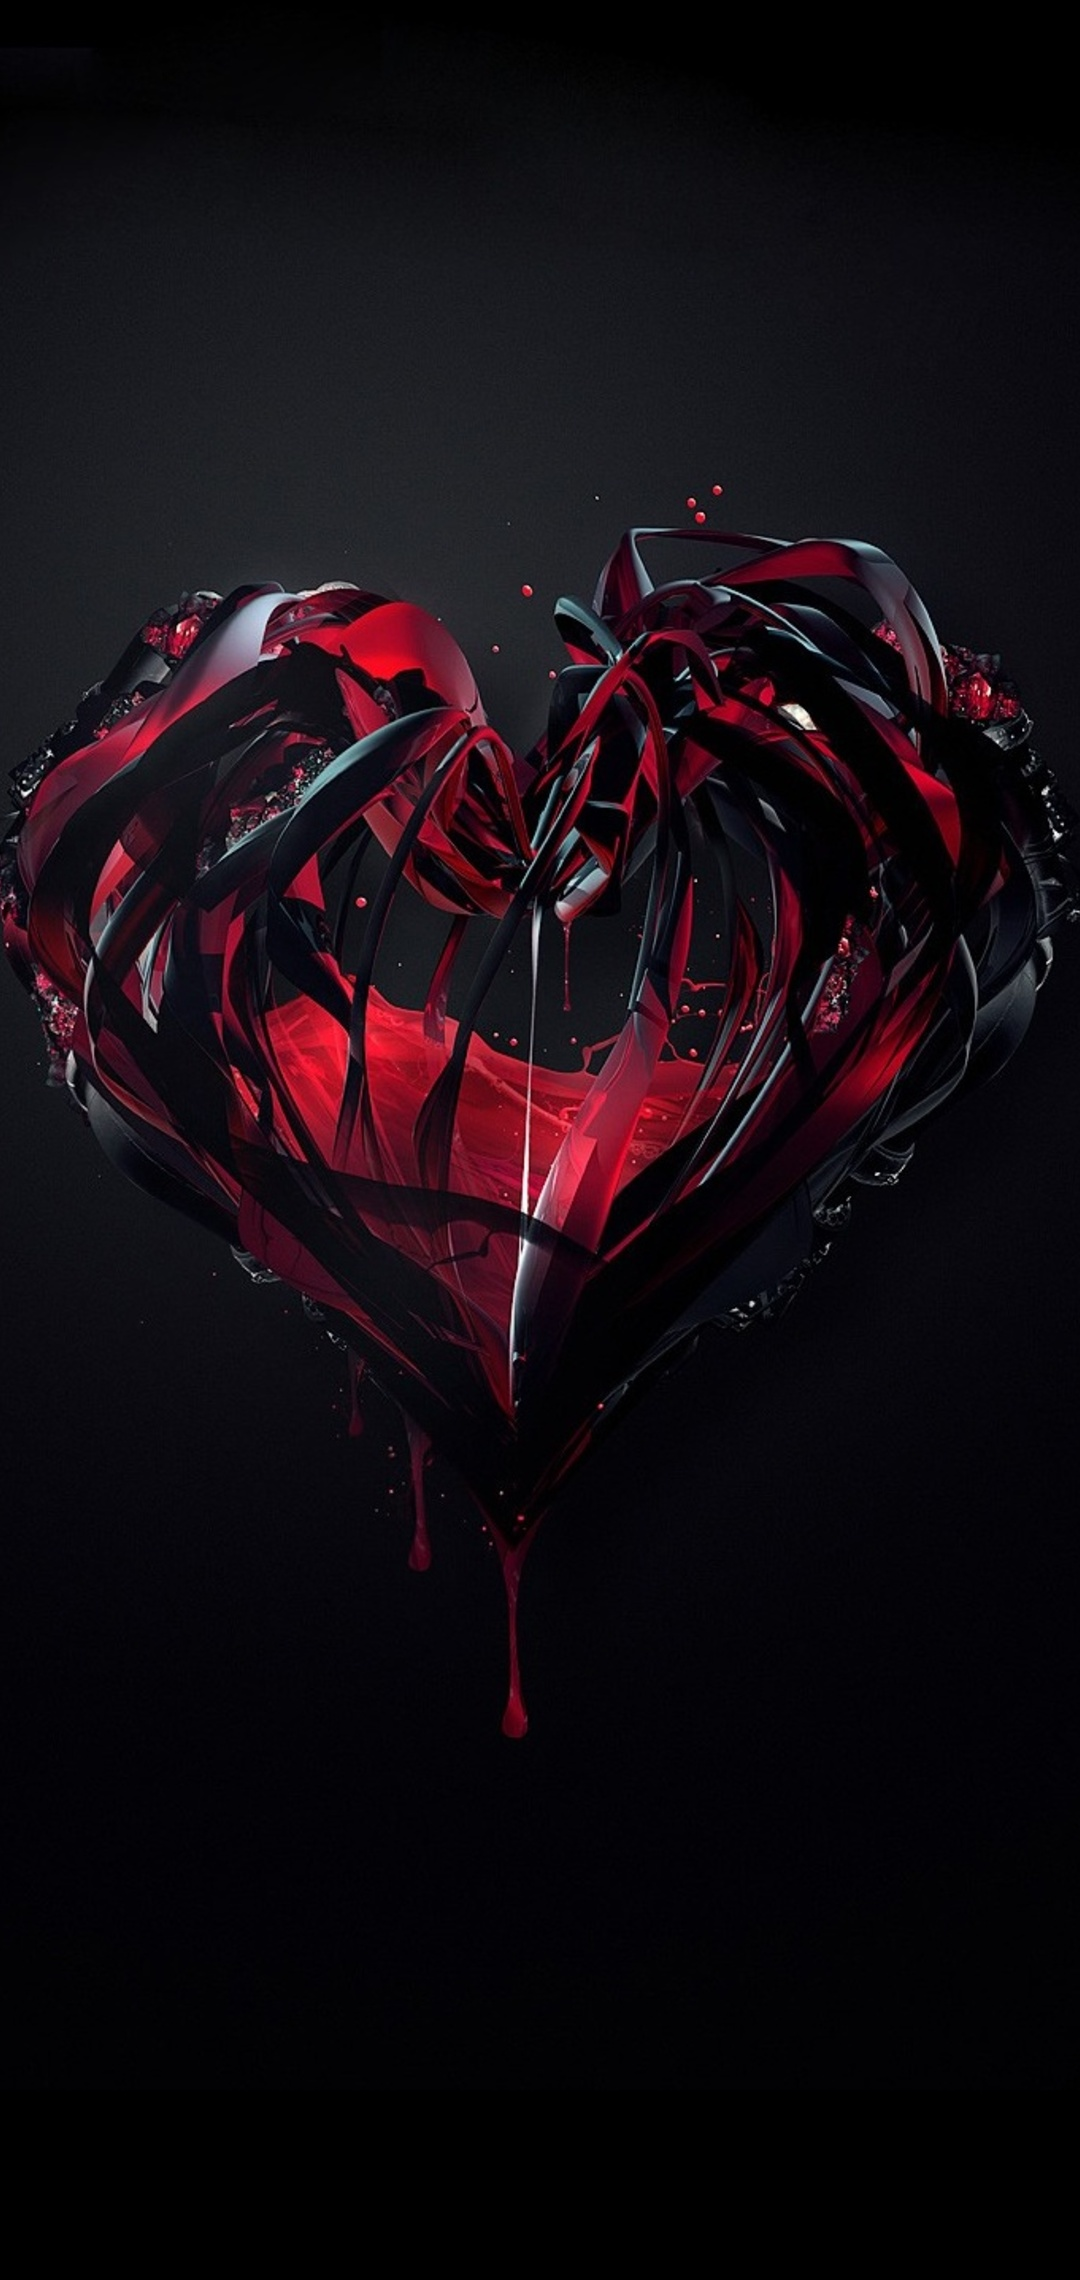 3d-heart-abstract-shape-zc.jpg